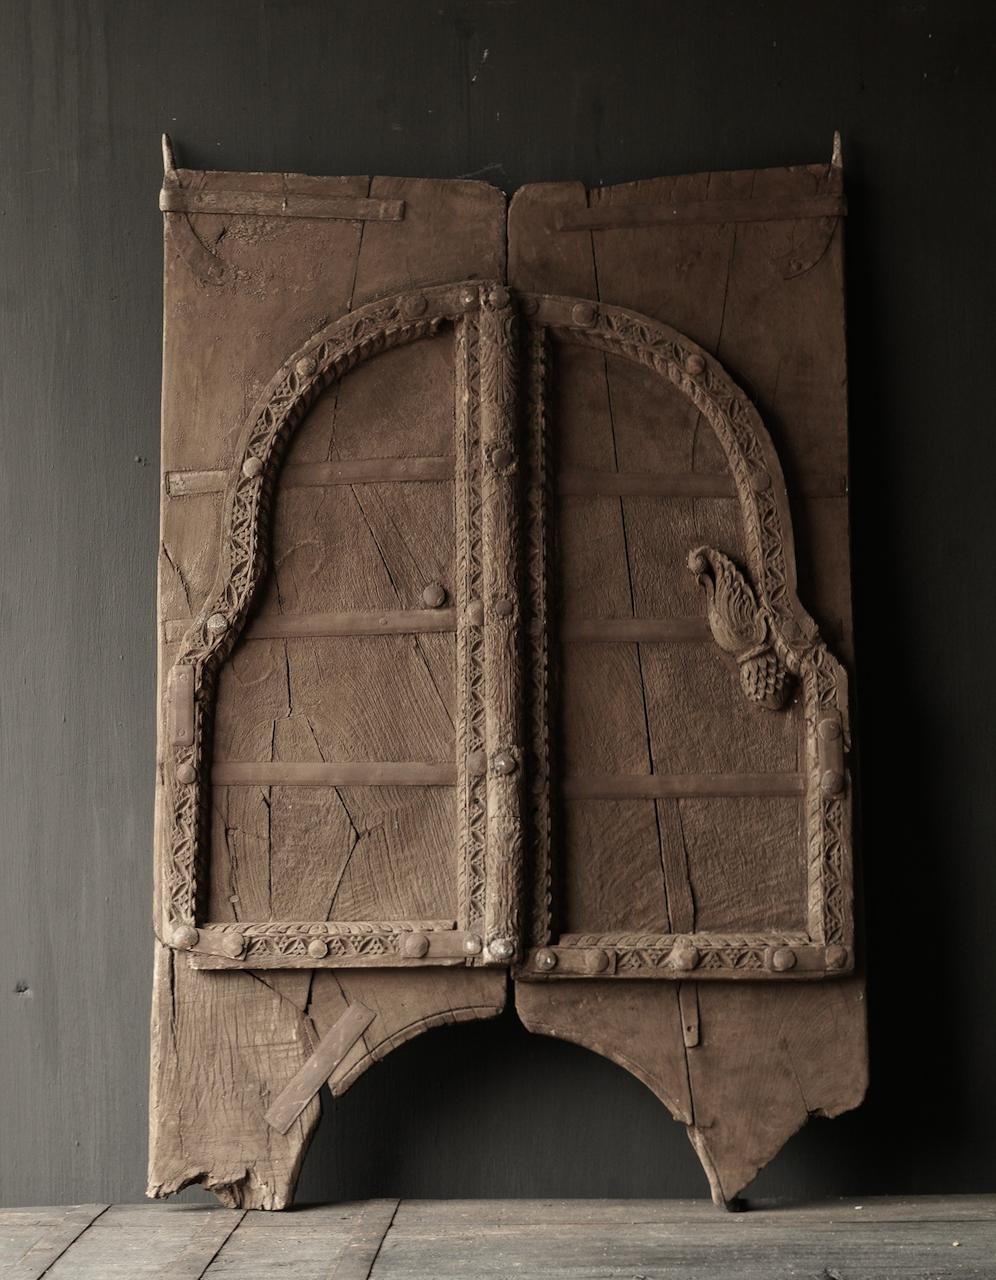 Robuste Holzluke aus altem Gebäude in Indien-2